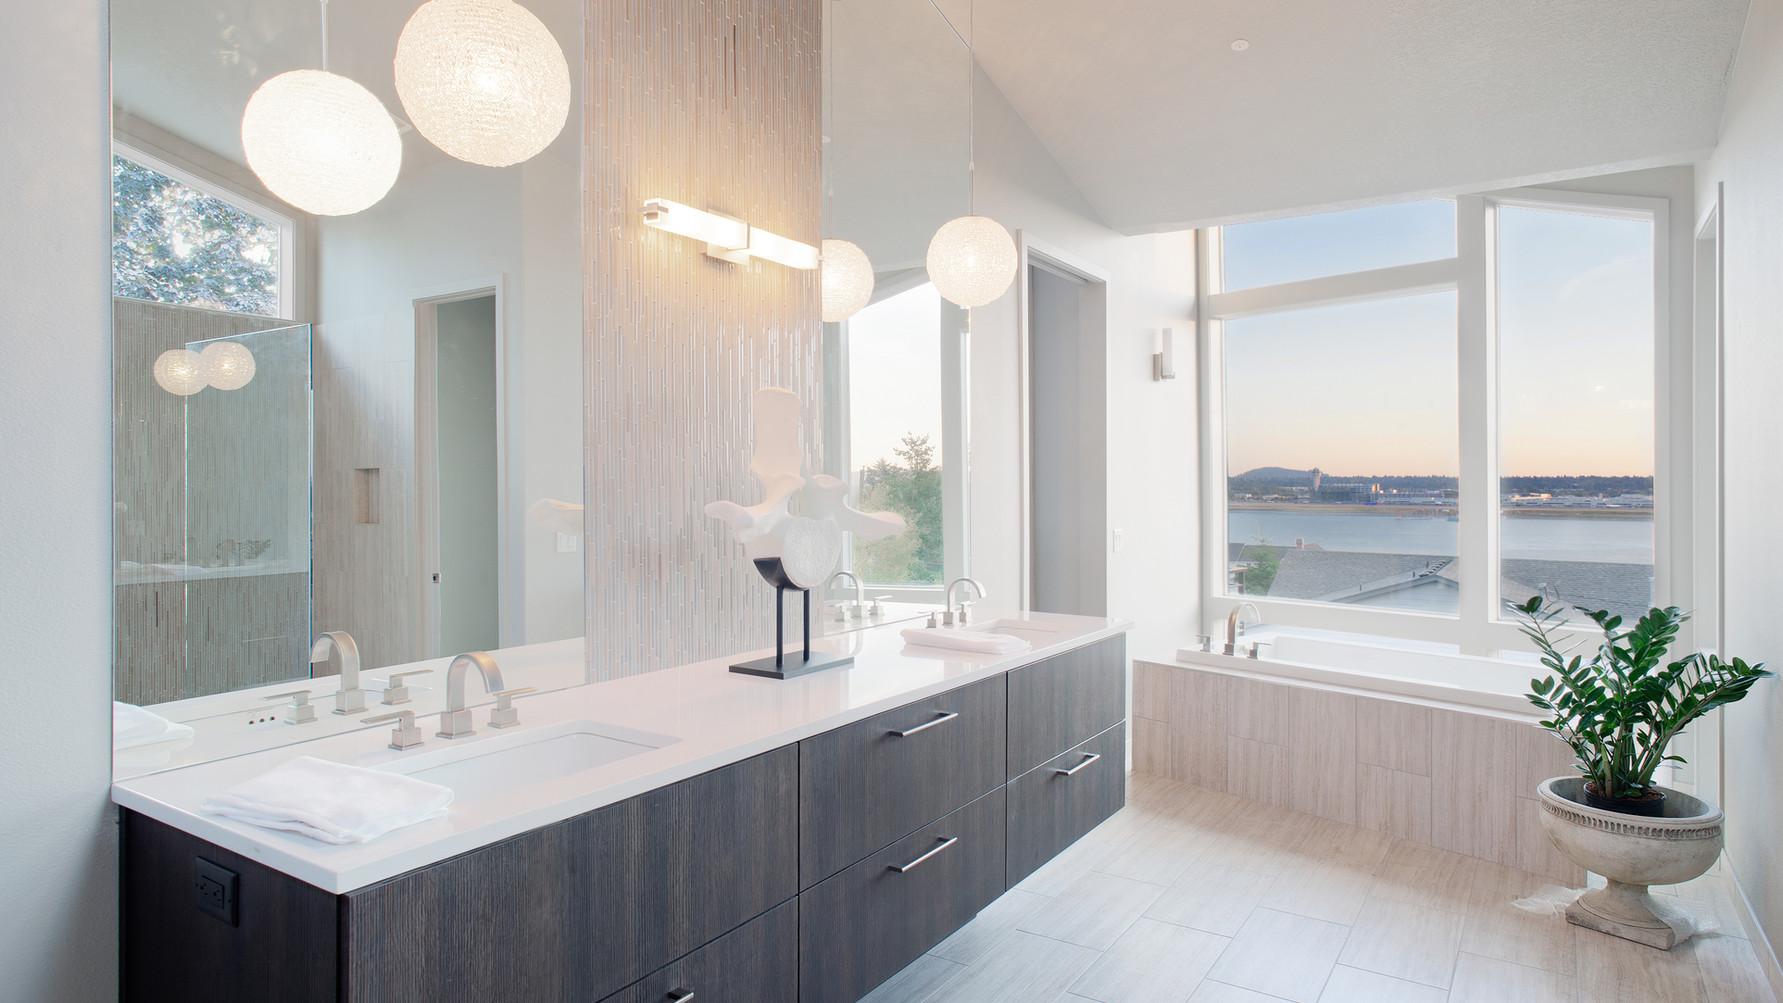 luxury-bathroom-27261022.jpg